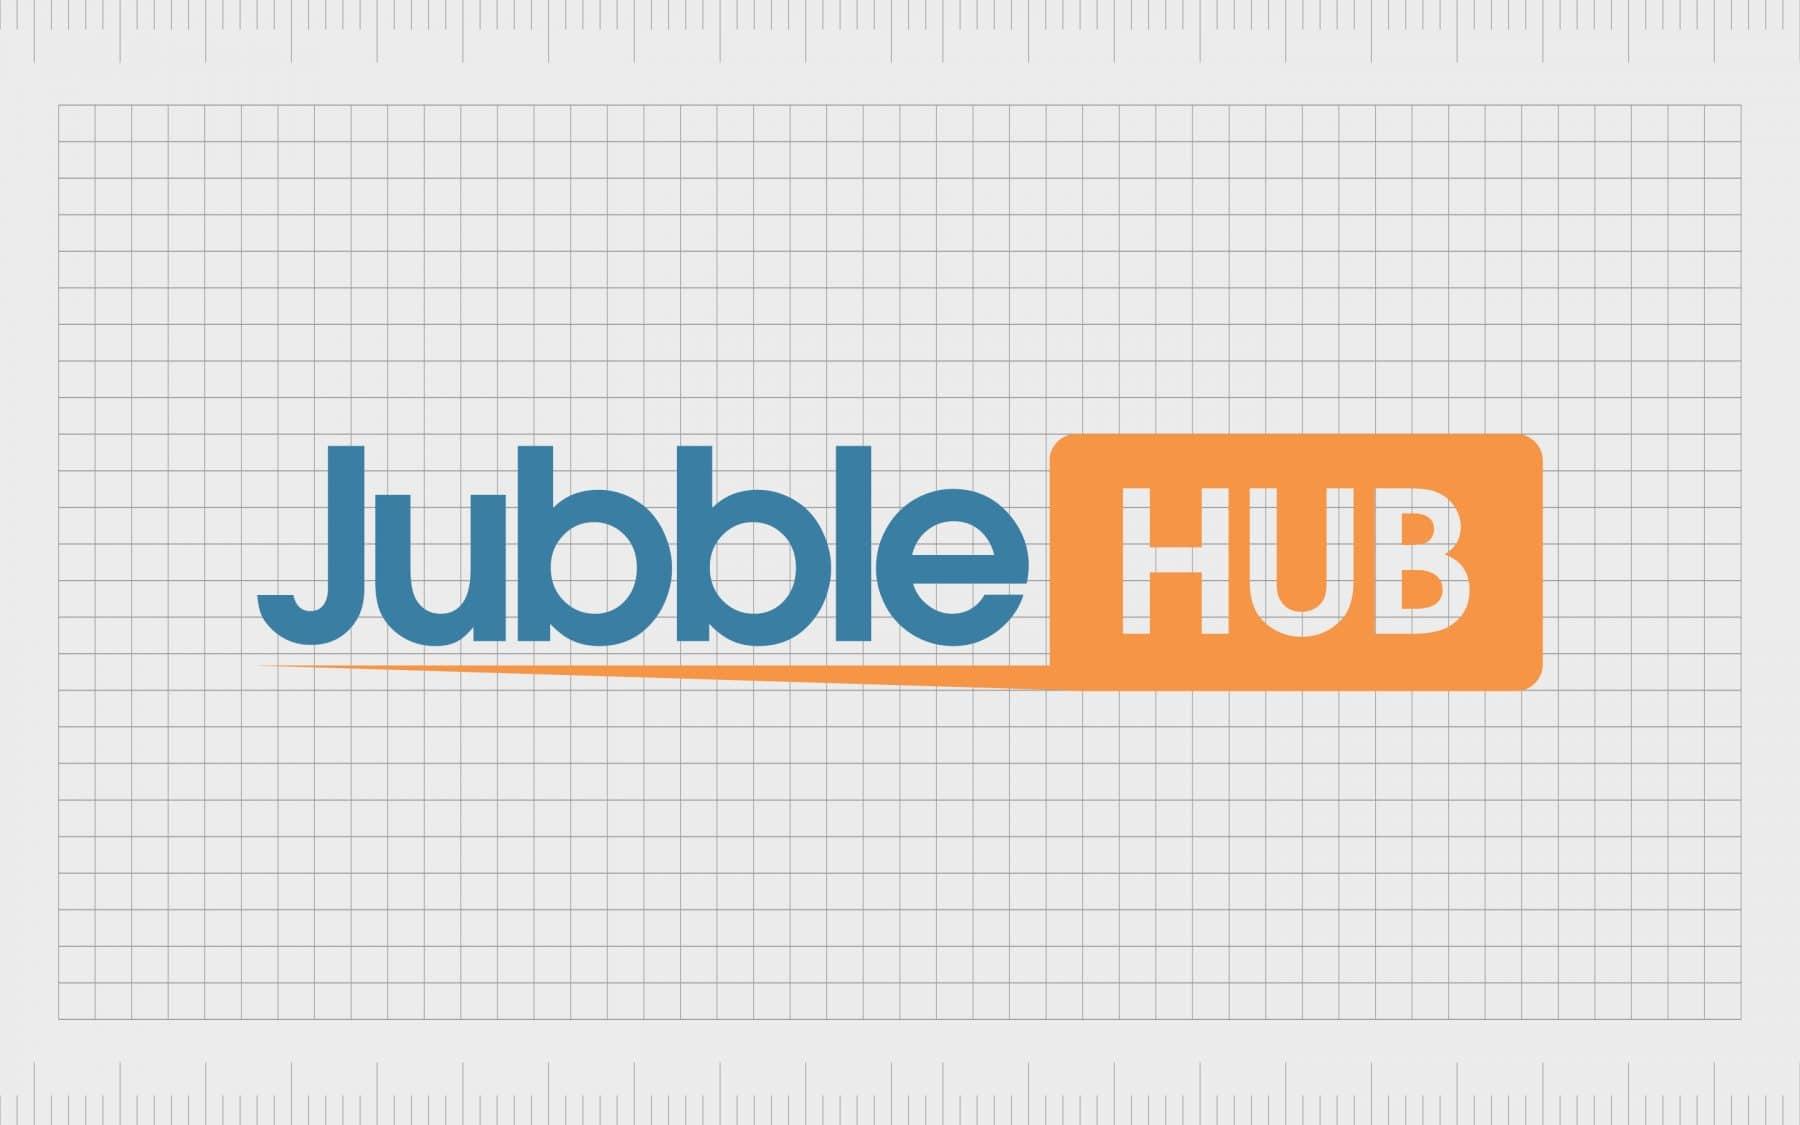 Jubblehub